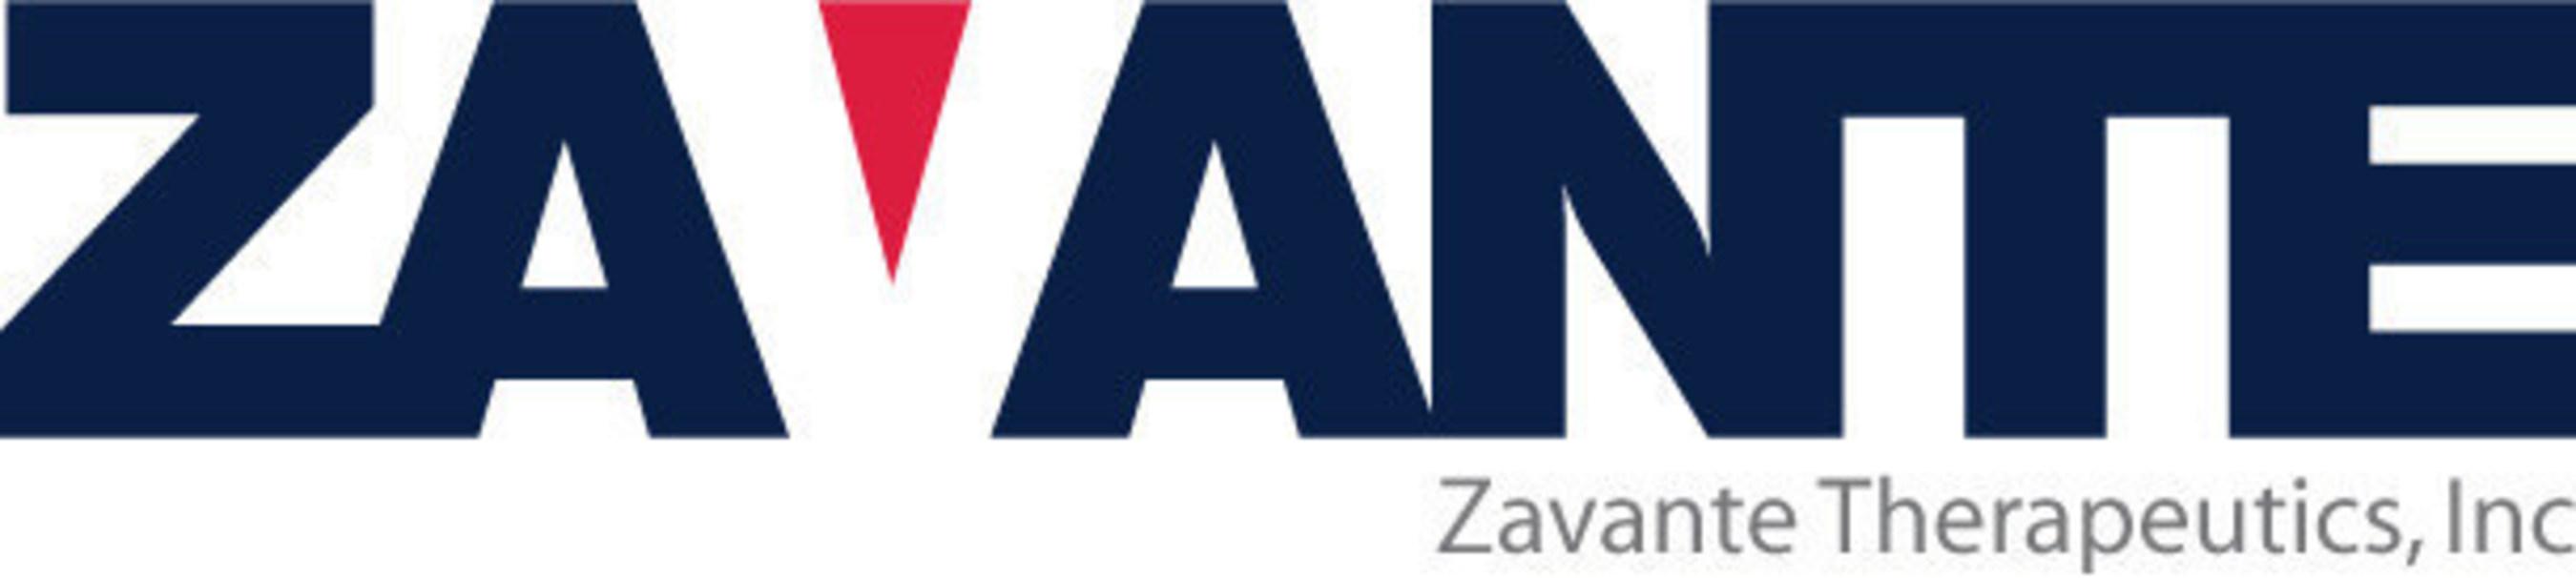 Zavante Therapeutics, Inc. logo